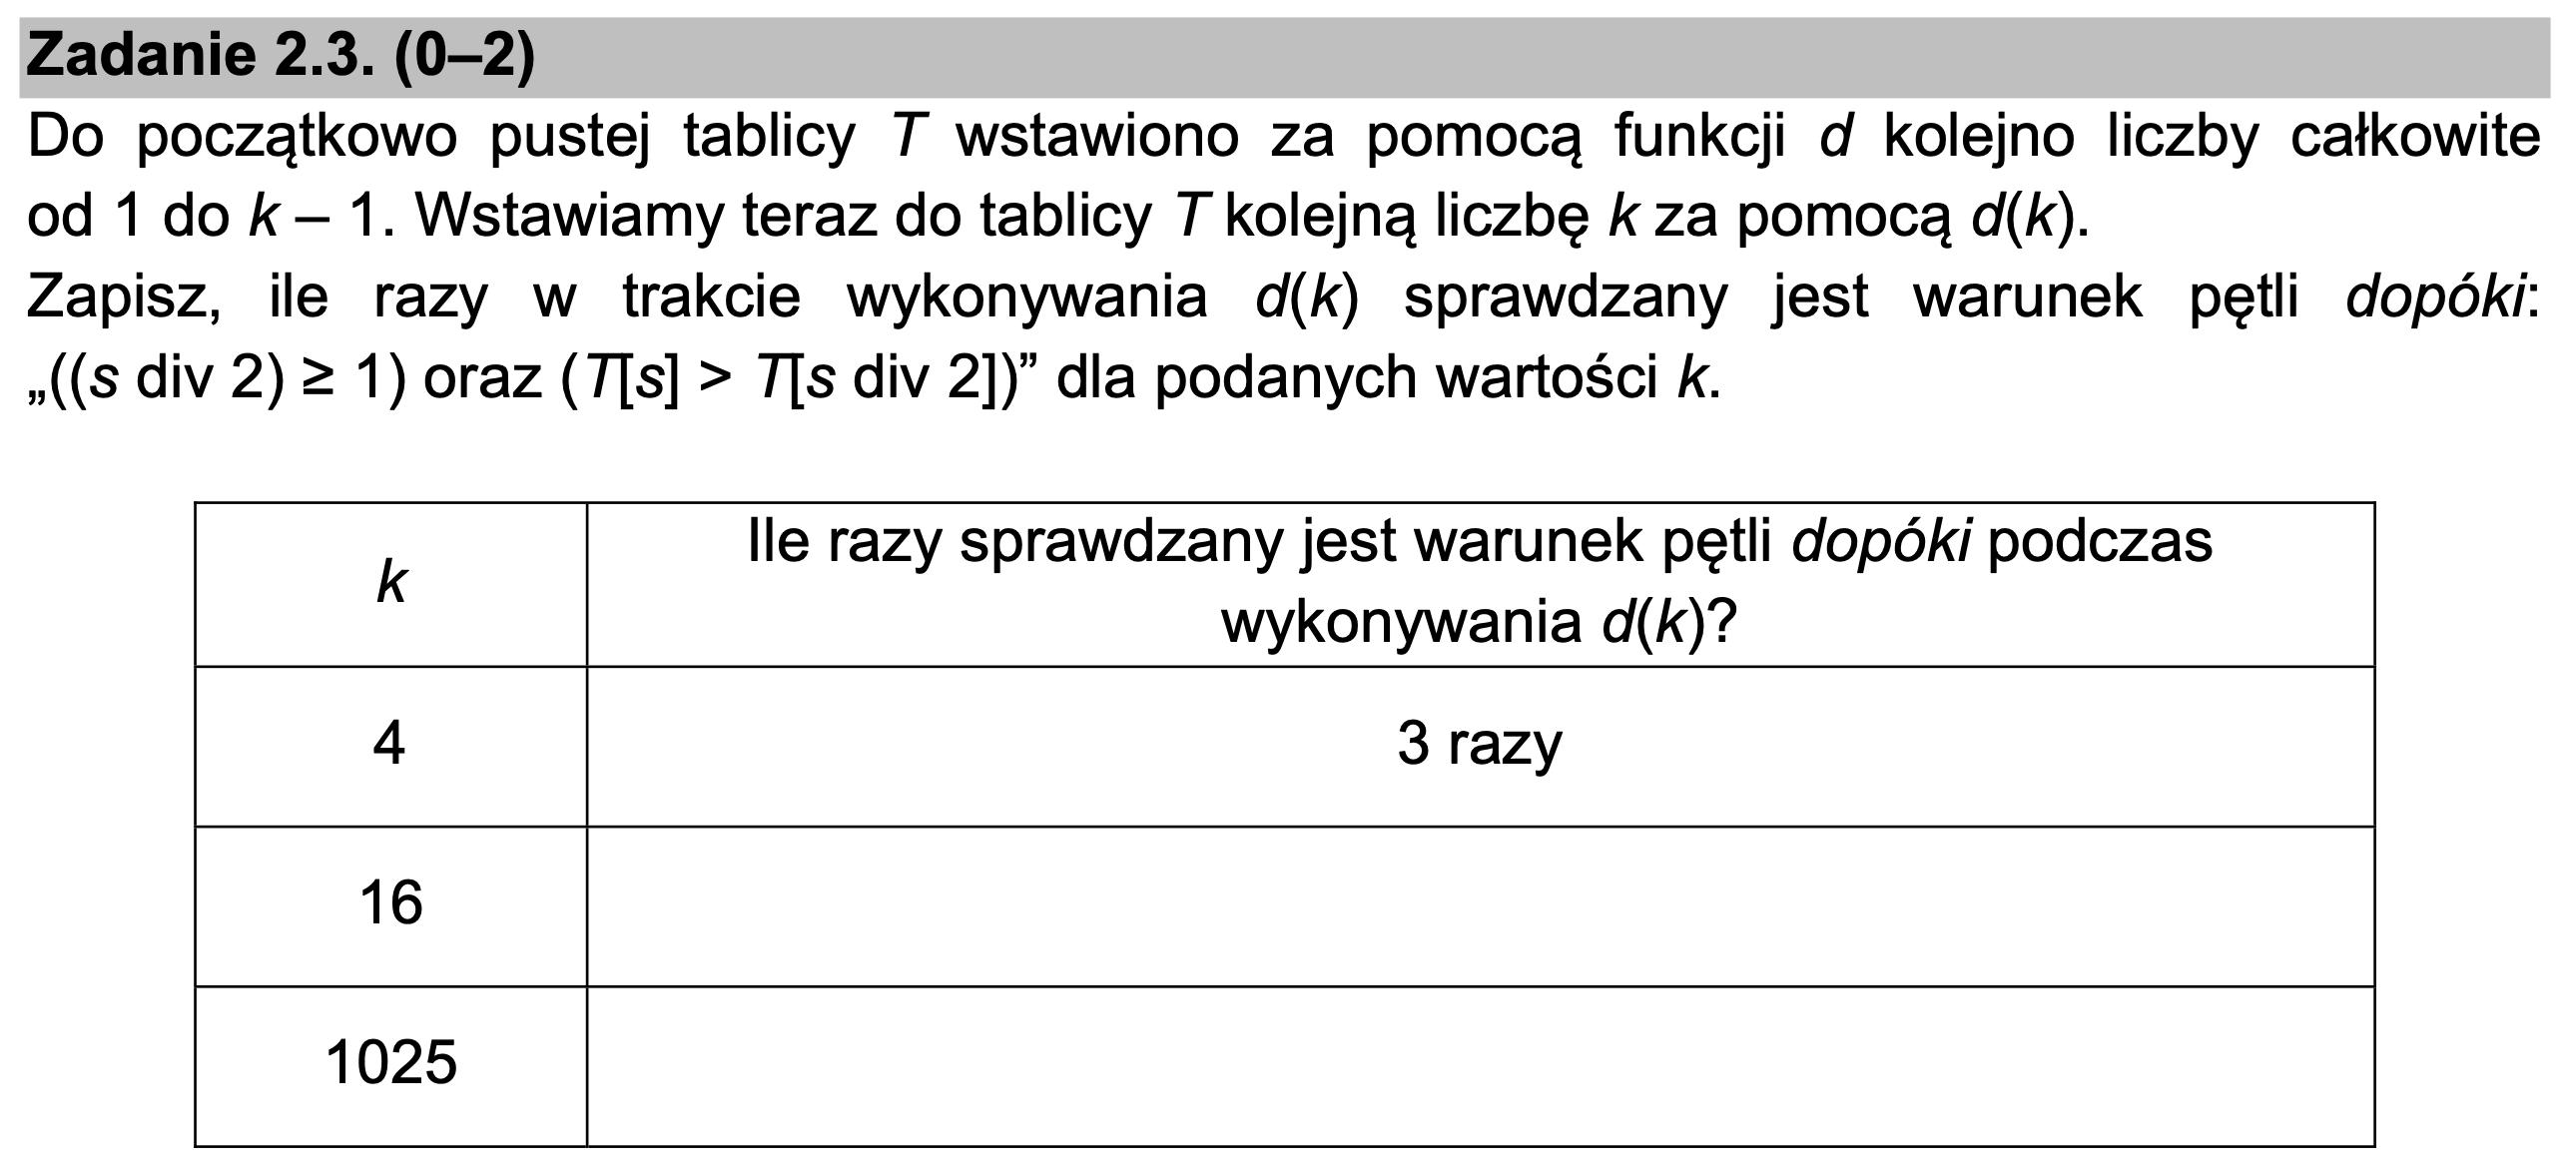 matura z informatyki 2021 zadanie 2.3